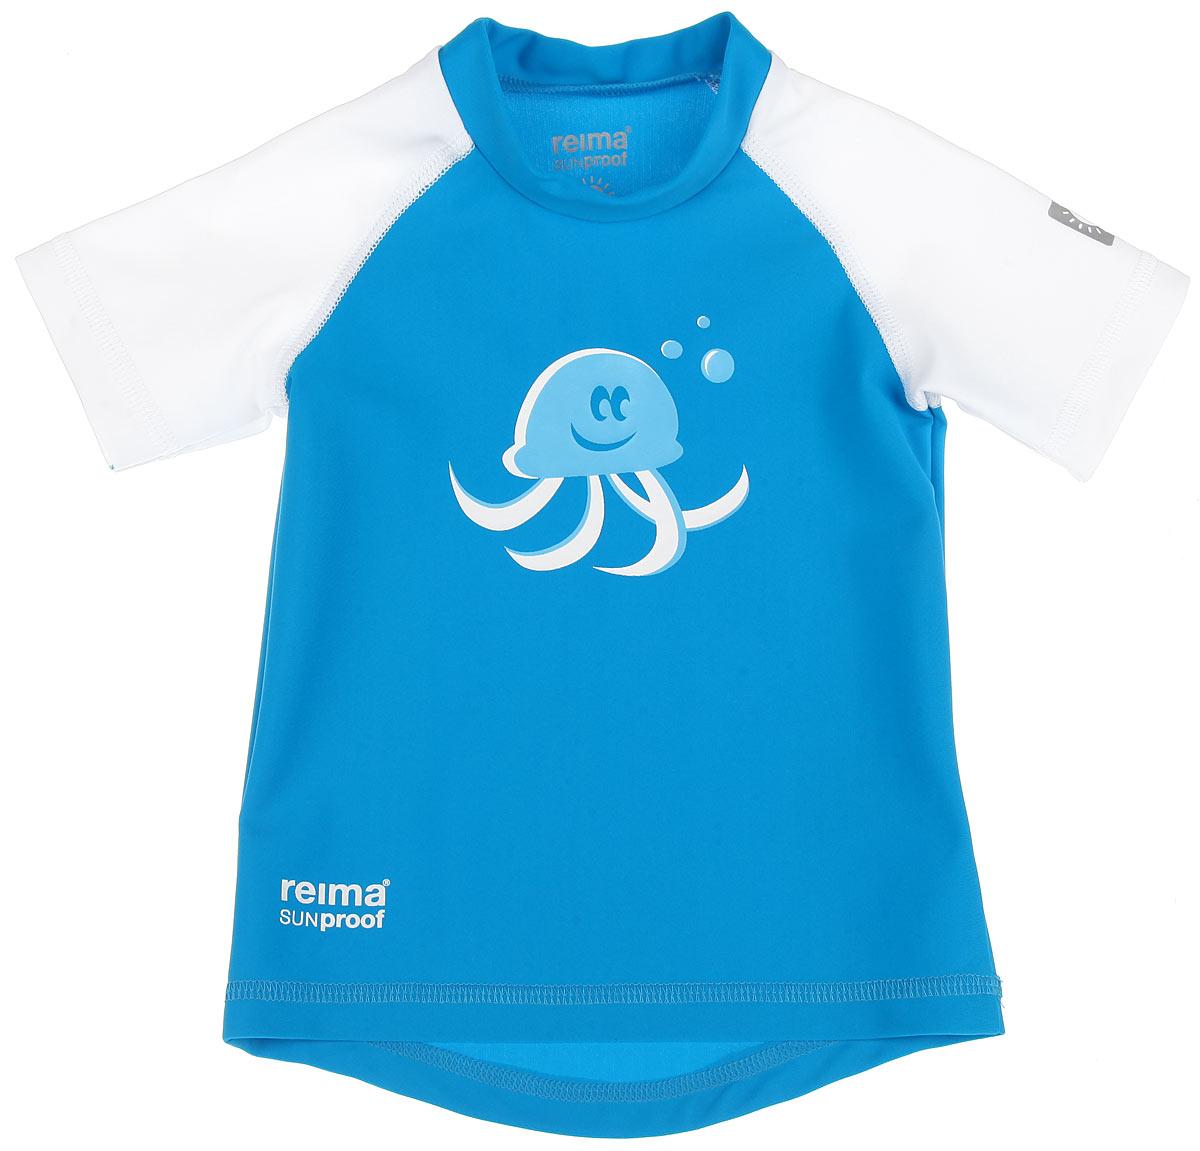 Футболка для плавания581021_2310Детская футболка Reima T-Shirt изготовлена из высококачественного быстросохнущего материала SunProof с УФ-фактором защиты 50+, который обеспечивает великолепную защиту нежной коже. Футболка предназначена для игр на солнце и в воде. Футболка с короткими рукавами-реглан и круглым вырезом горловины оформлена термоаппликацией с изображением осьминога. Спинка модели удлинена, что обеспечивает защиту, как в воде, так и на песке. Такая футболка, несомненно, понравится вашему ребенку и послужит отличным дополнением к детскому гардеробу!